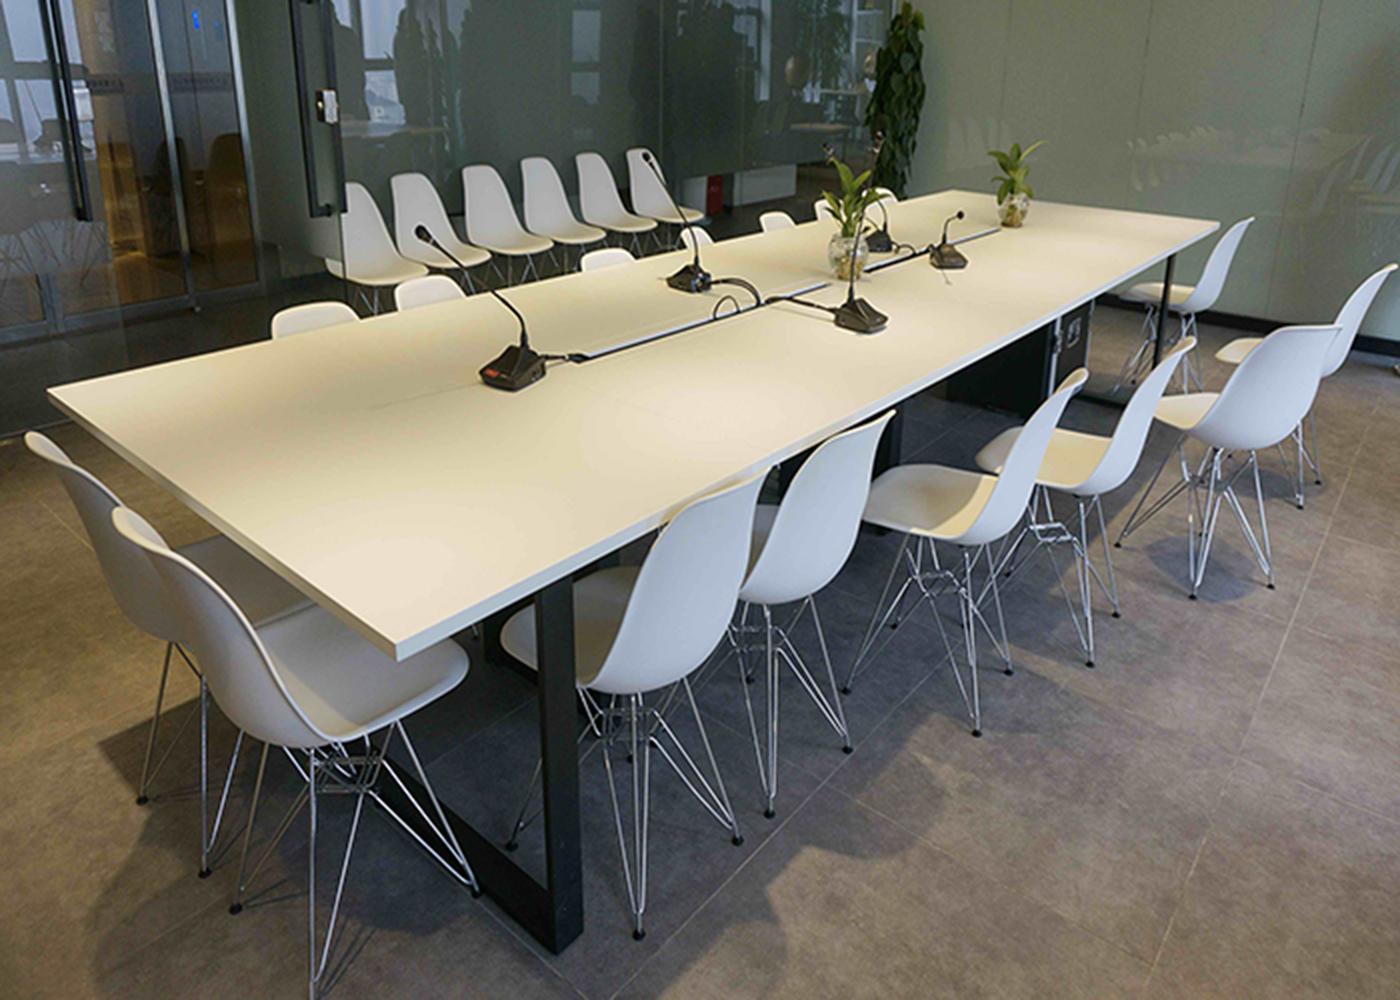 雷蒂斯会议桌A27,上海会议桌,【尺寸 价格 图片 品牌】